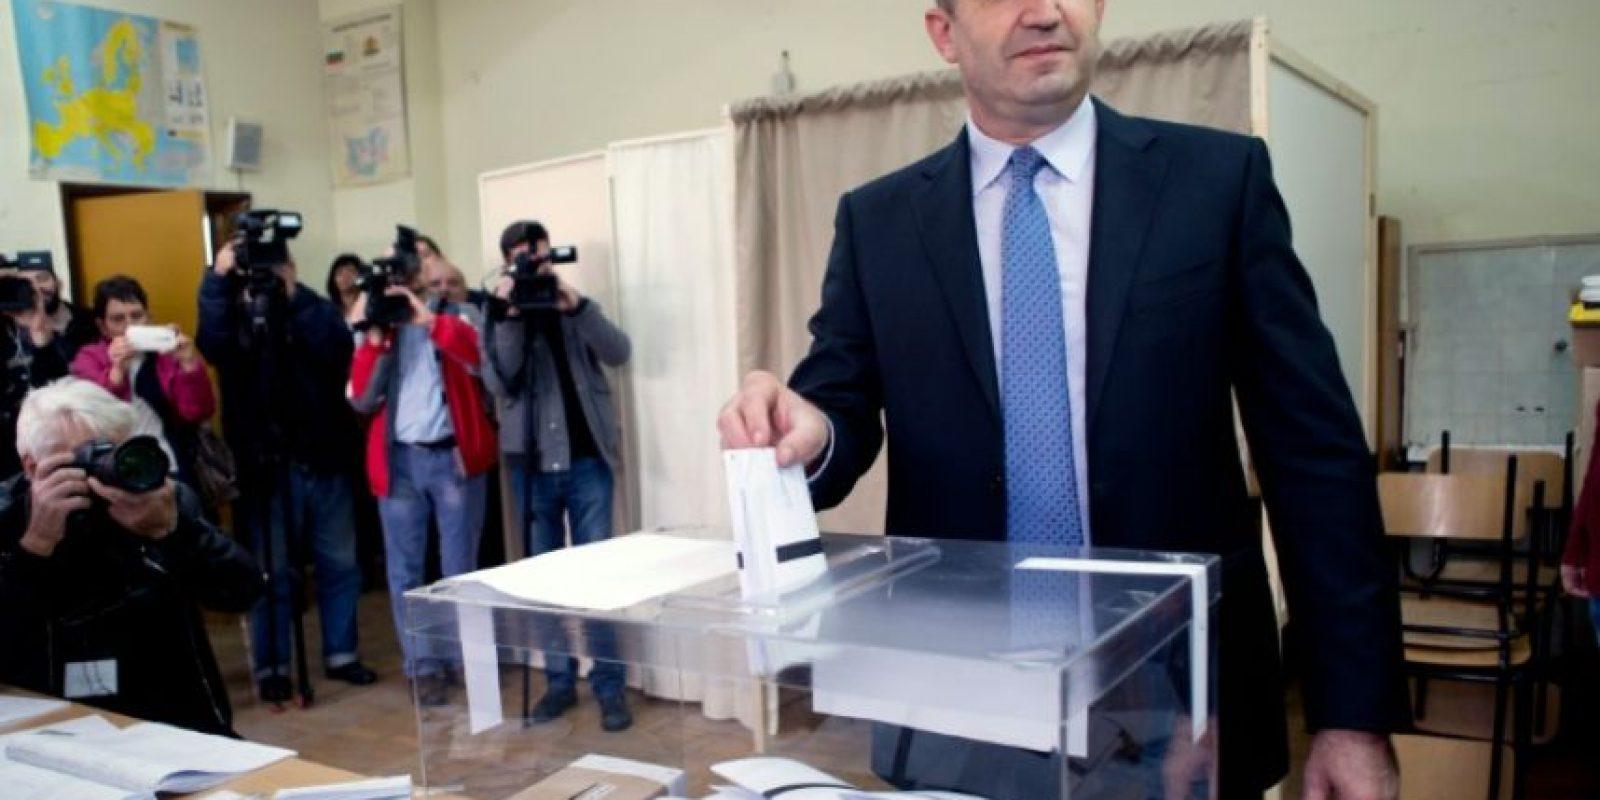 El exjefe de la fuerza aérea búlgara Rumen Radev, candidato de la oposición socialista, emite su voto en una mesa de votación durante las elecciones presidenciales, en Sofía, el 6 de noviembre de 2016. Foto:NIKOLAY DOYCHINOV/afp.com